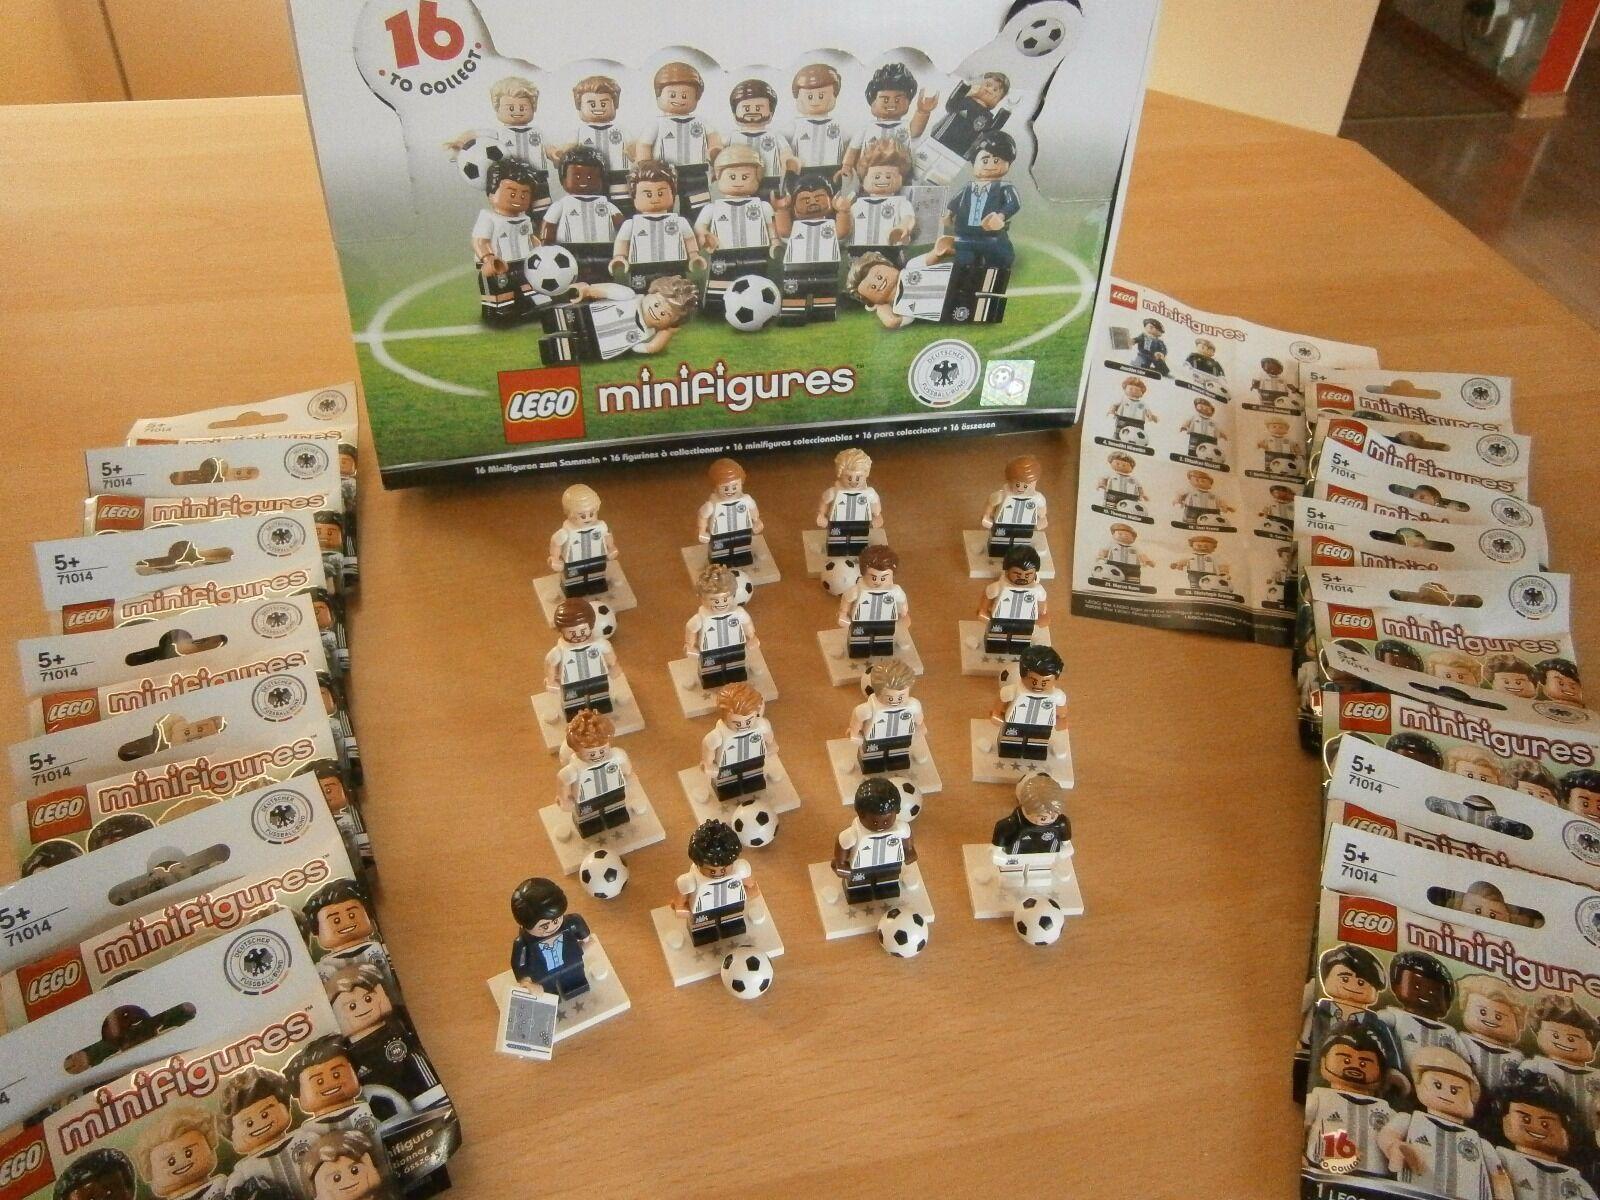 Lego 71014 DFBKomplettsatz 16 Minifiguren Limitiert Unbespielt